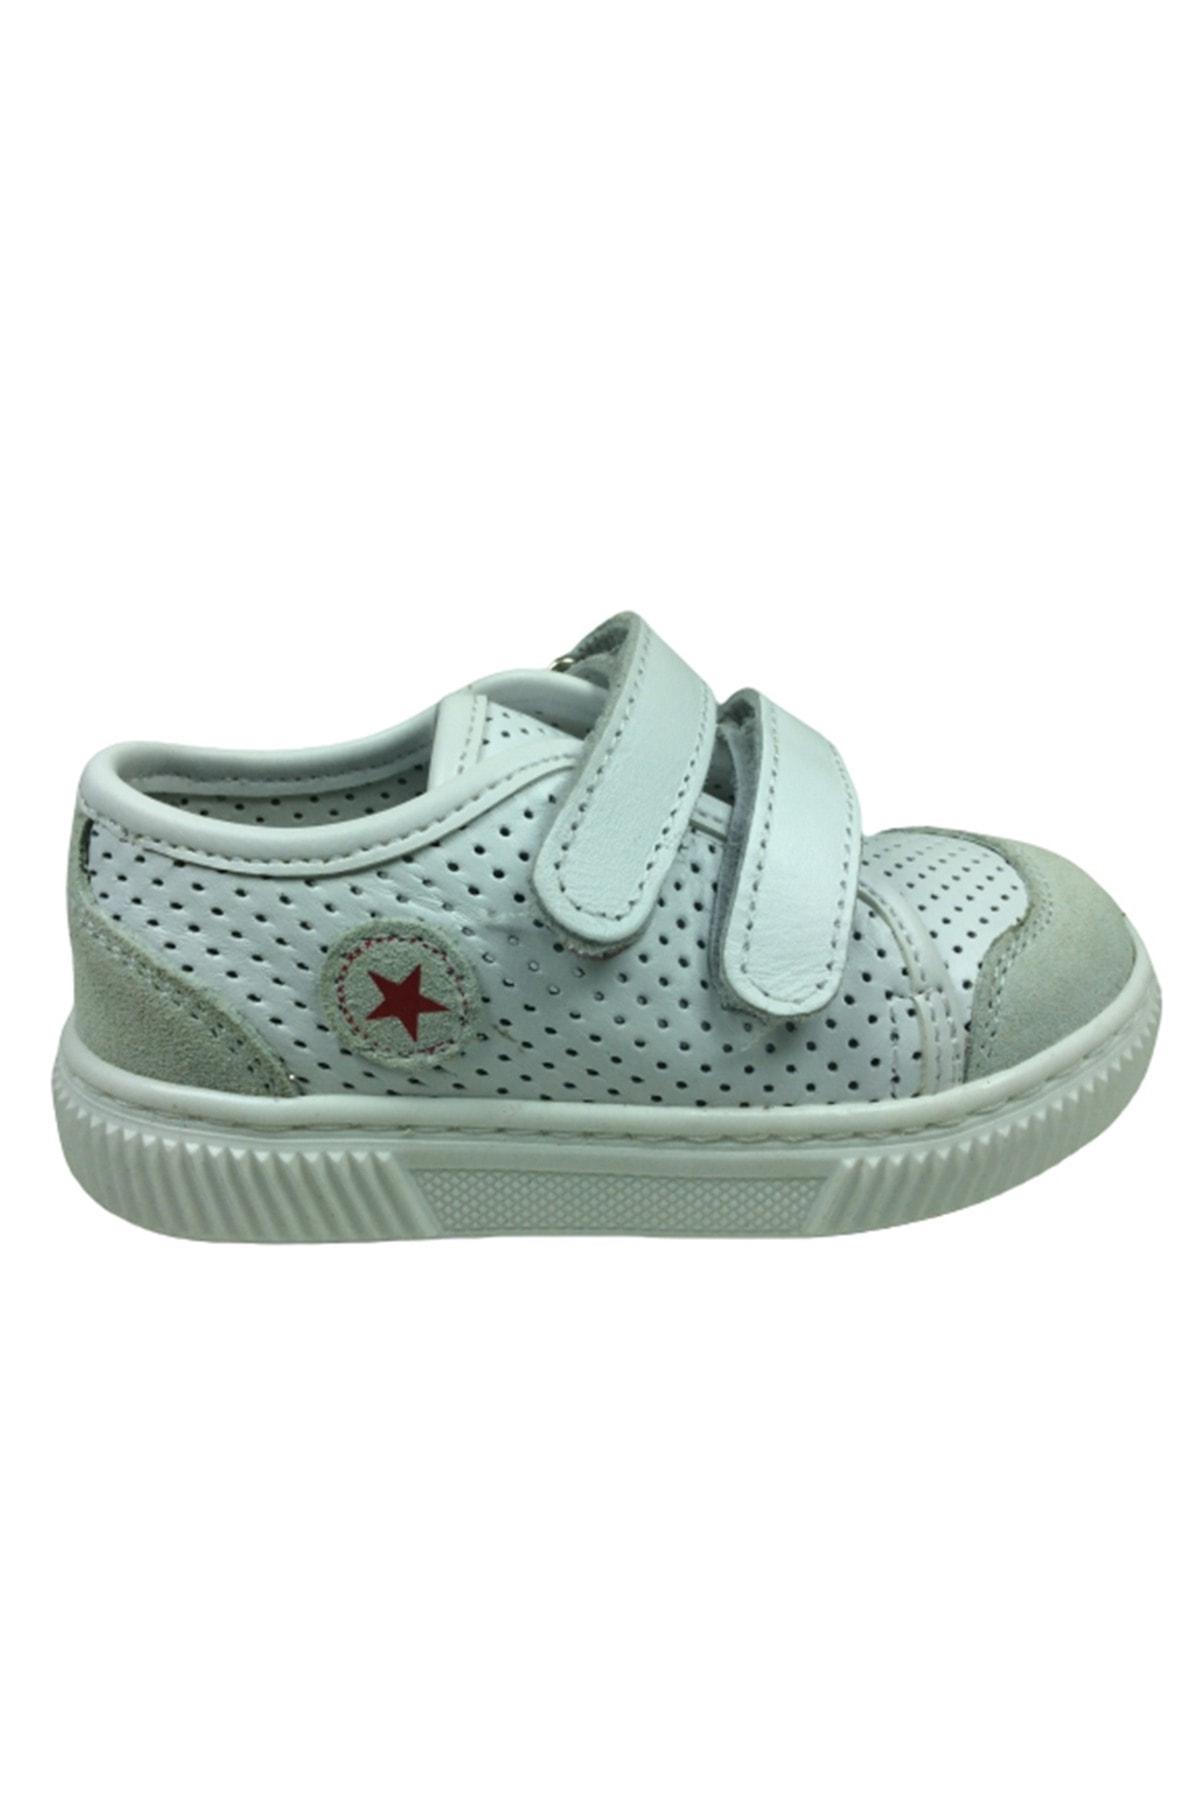 TURKUAZ Erkek Bebek Beyaz Gri Spor Delikli Cırtlı Yürüyüş Ayakkabısı 1